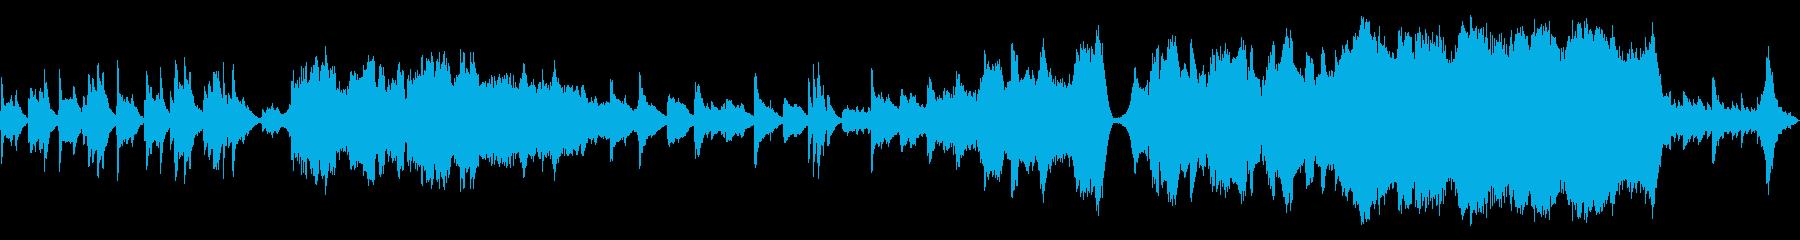 ループ_回想、悲しみ系の劇伴バラードの再生済みの波形